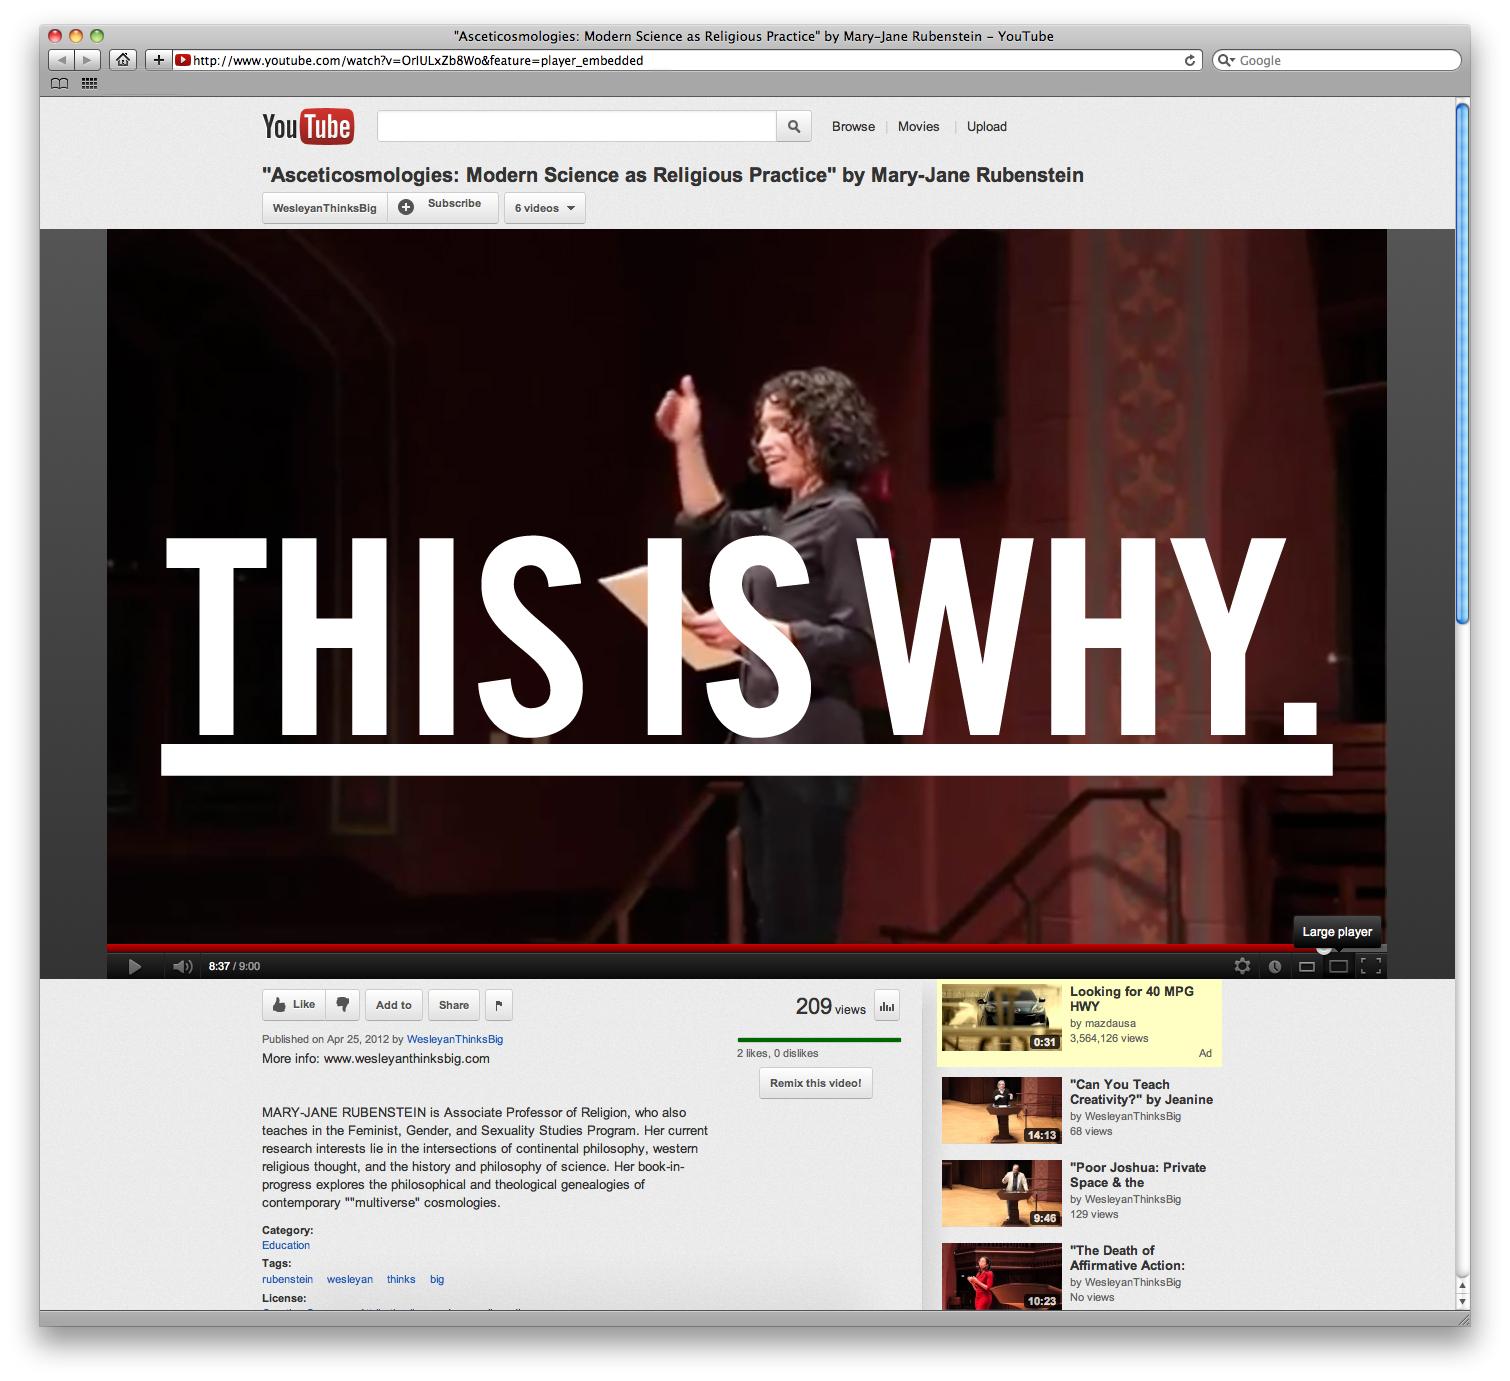 WES_TIW_youtube.jpg